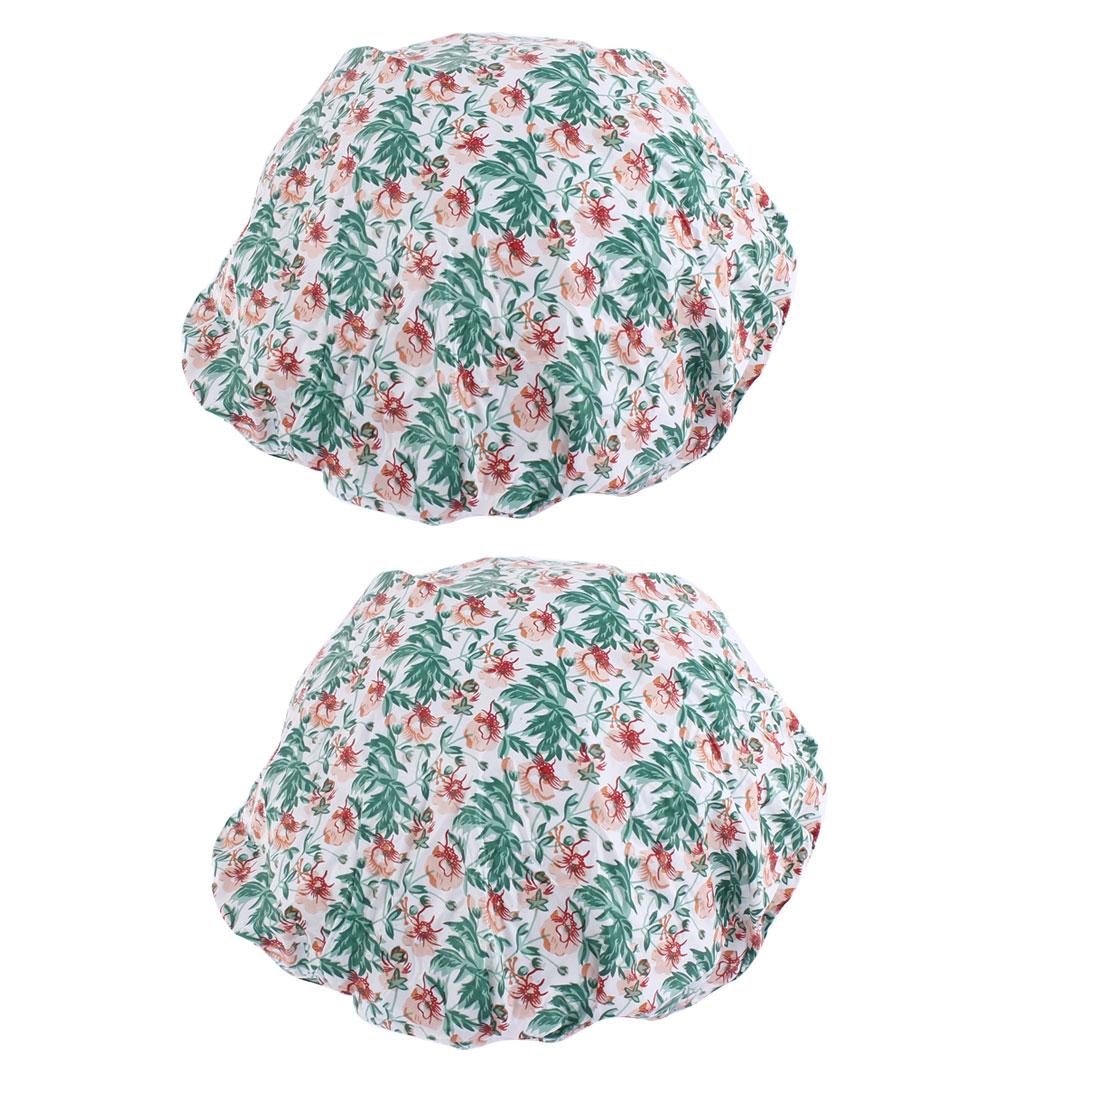 Woman Flower Leaf Print Elastic Band Water Resistant Shower Cap Bath Hat 2pcs